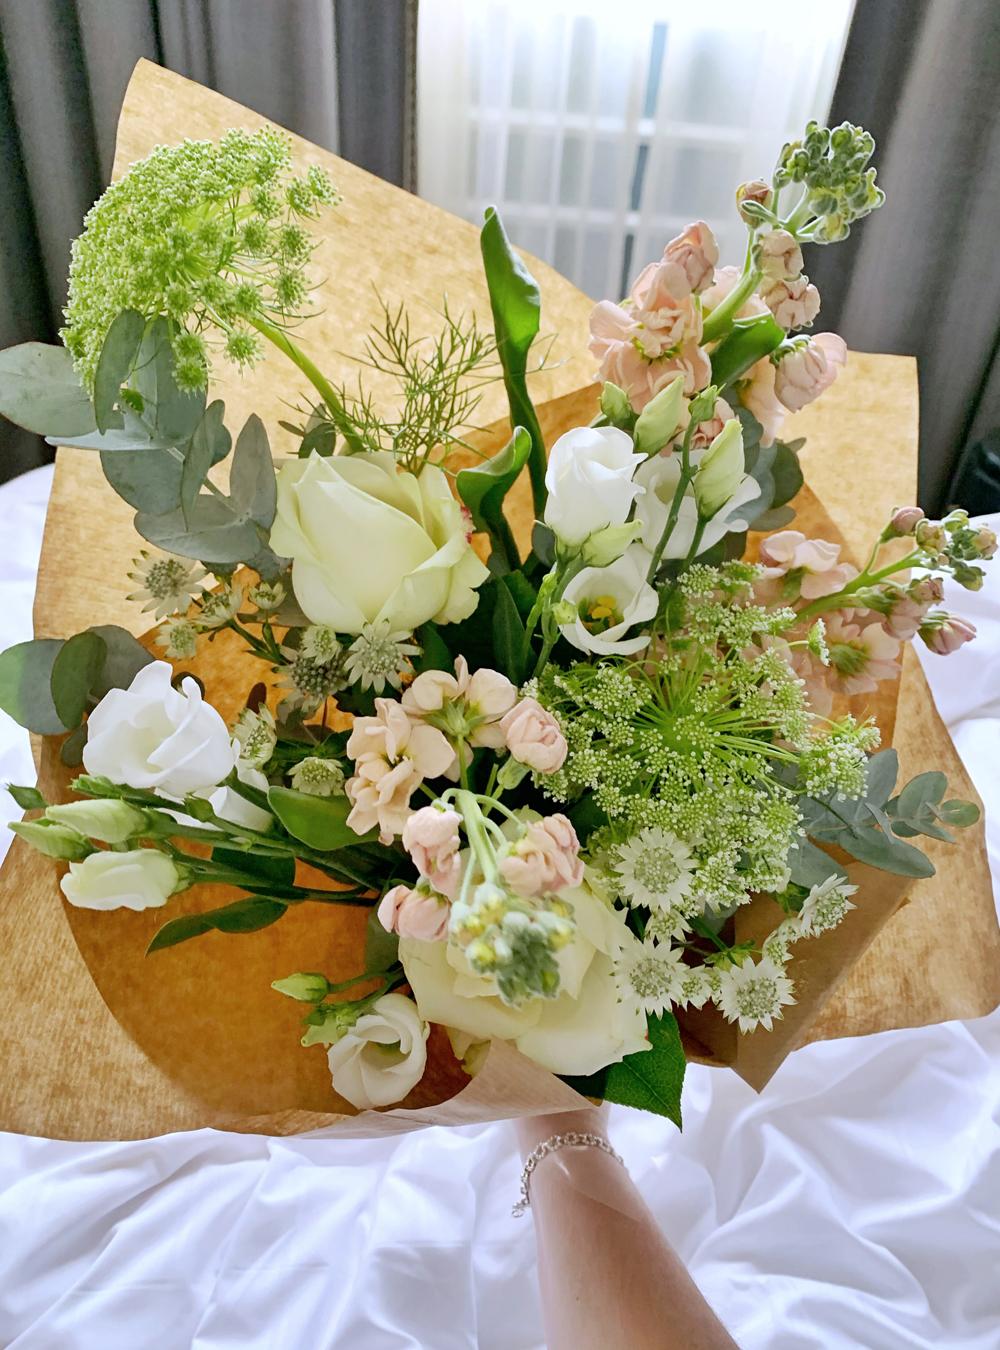 Pulteney Bridge Flowers in Bath - Emma Louise Layla, UK luxury travel & lifestyle blog